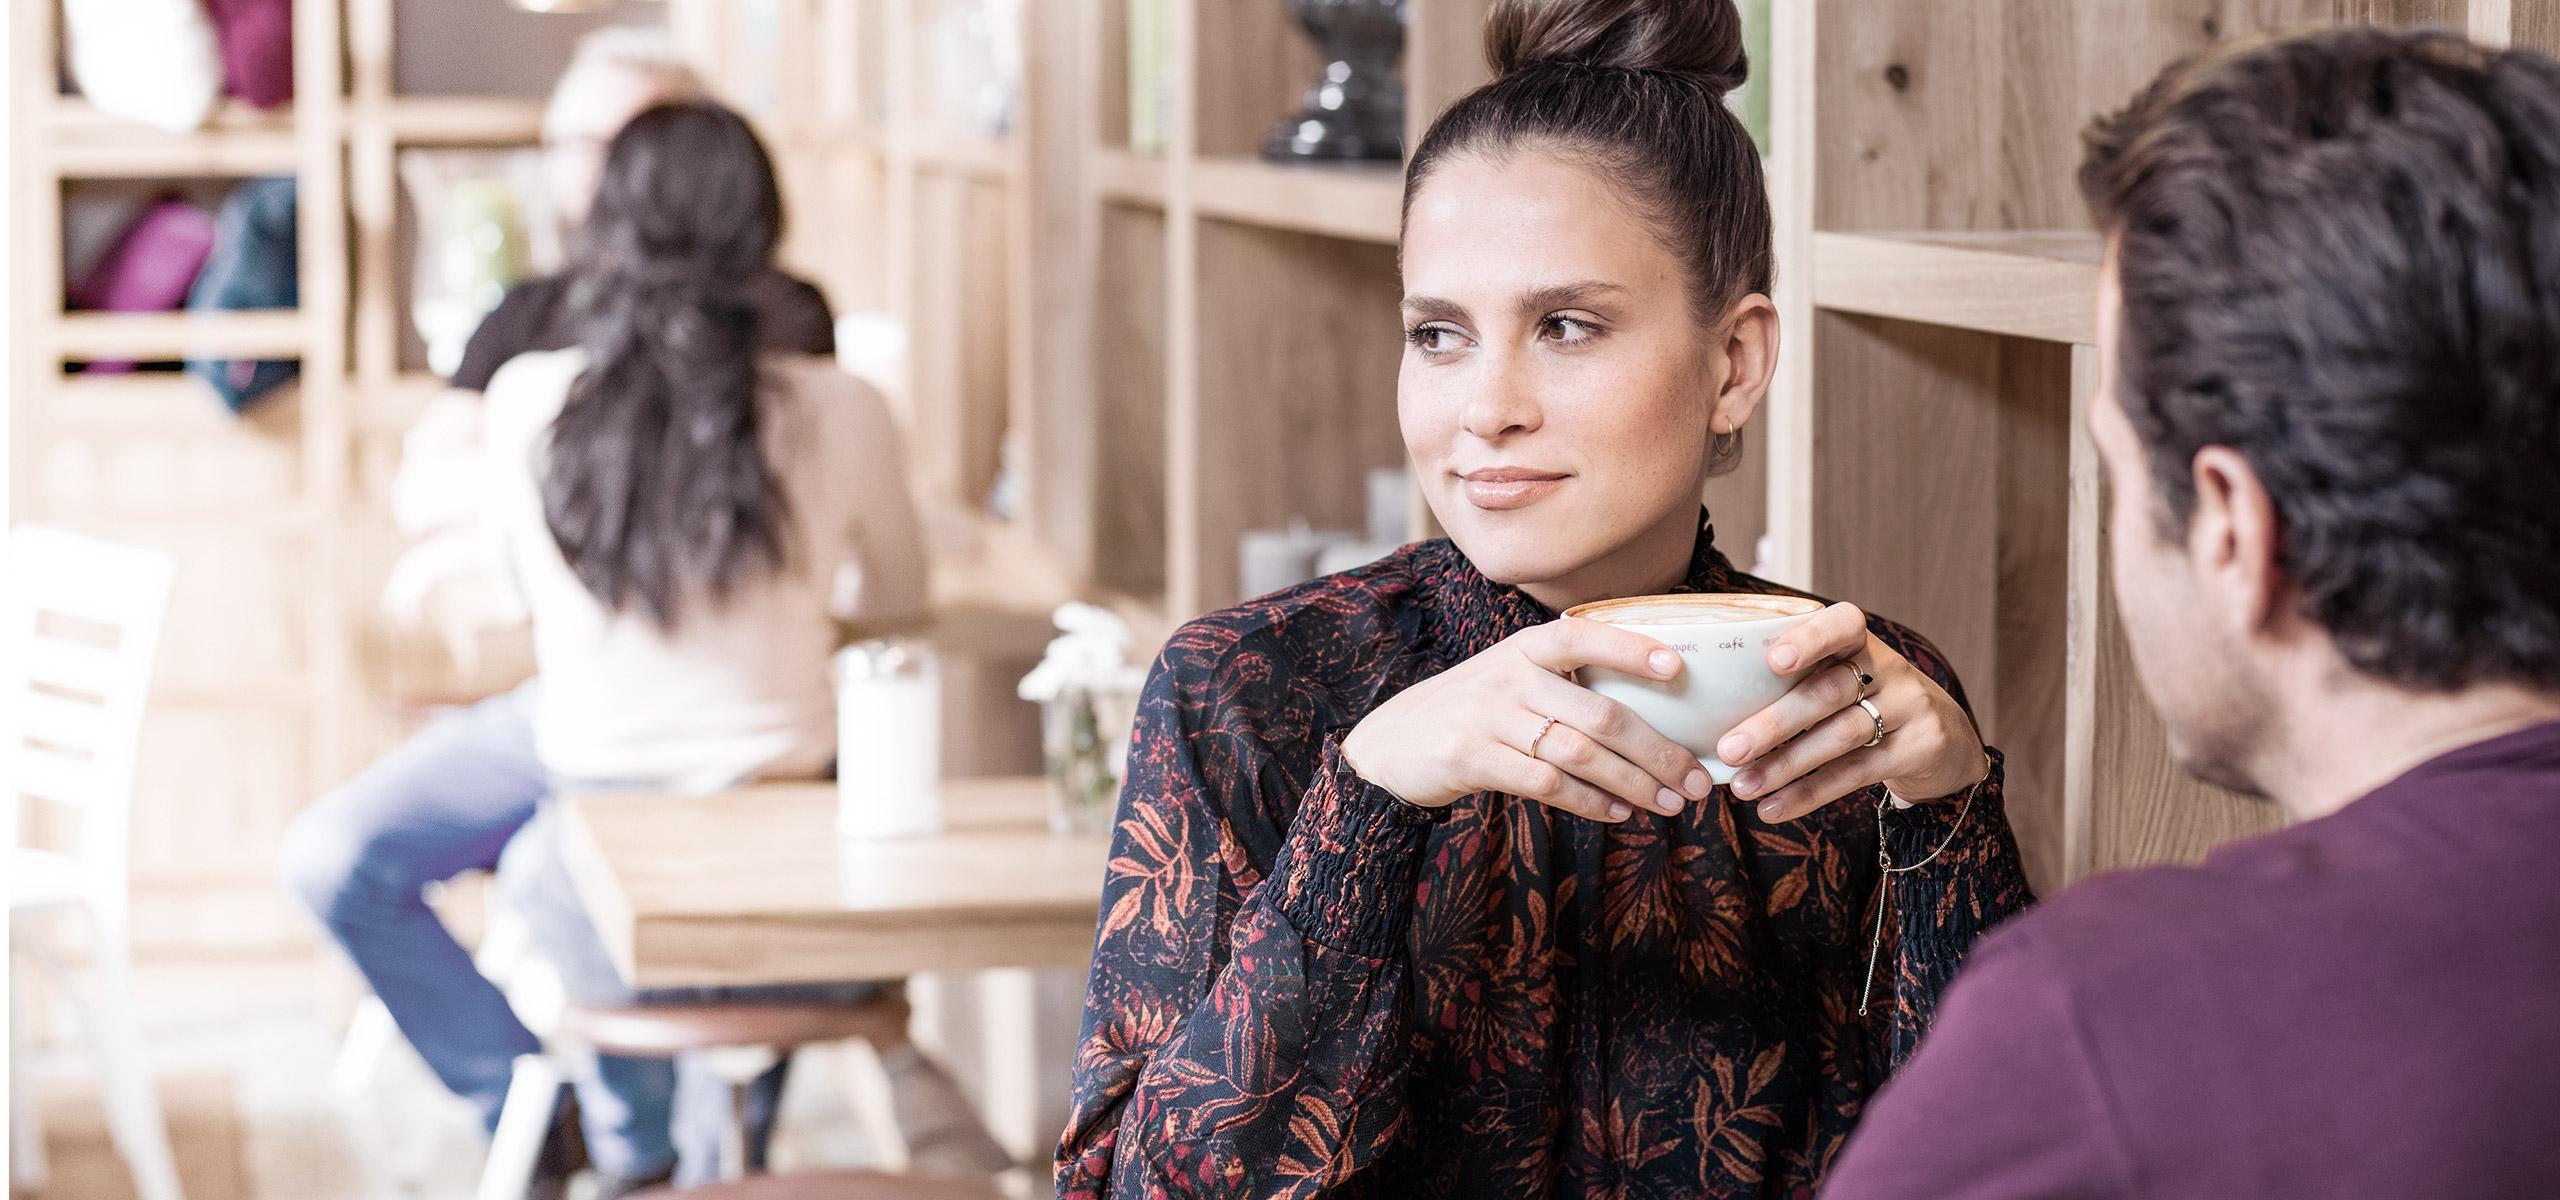 BRITA caffè coppia beve caffè